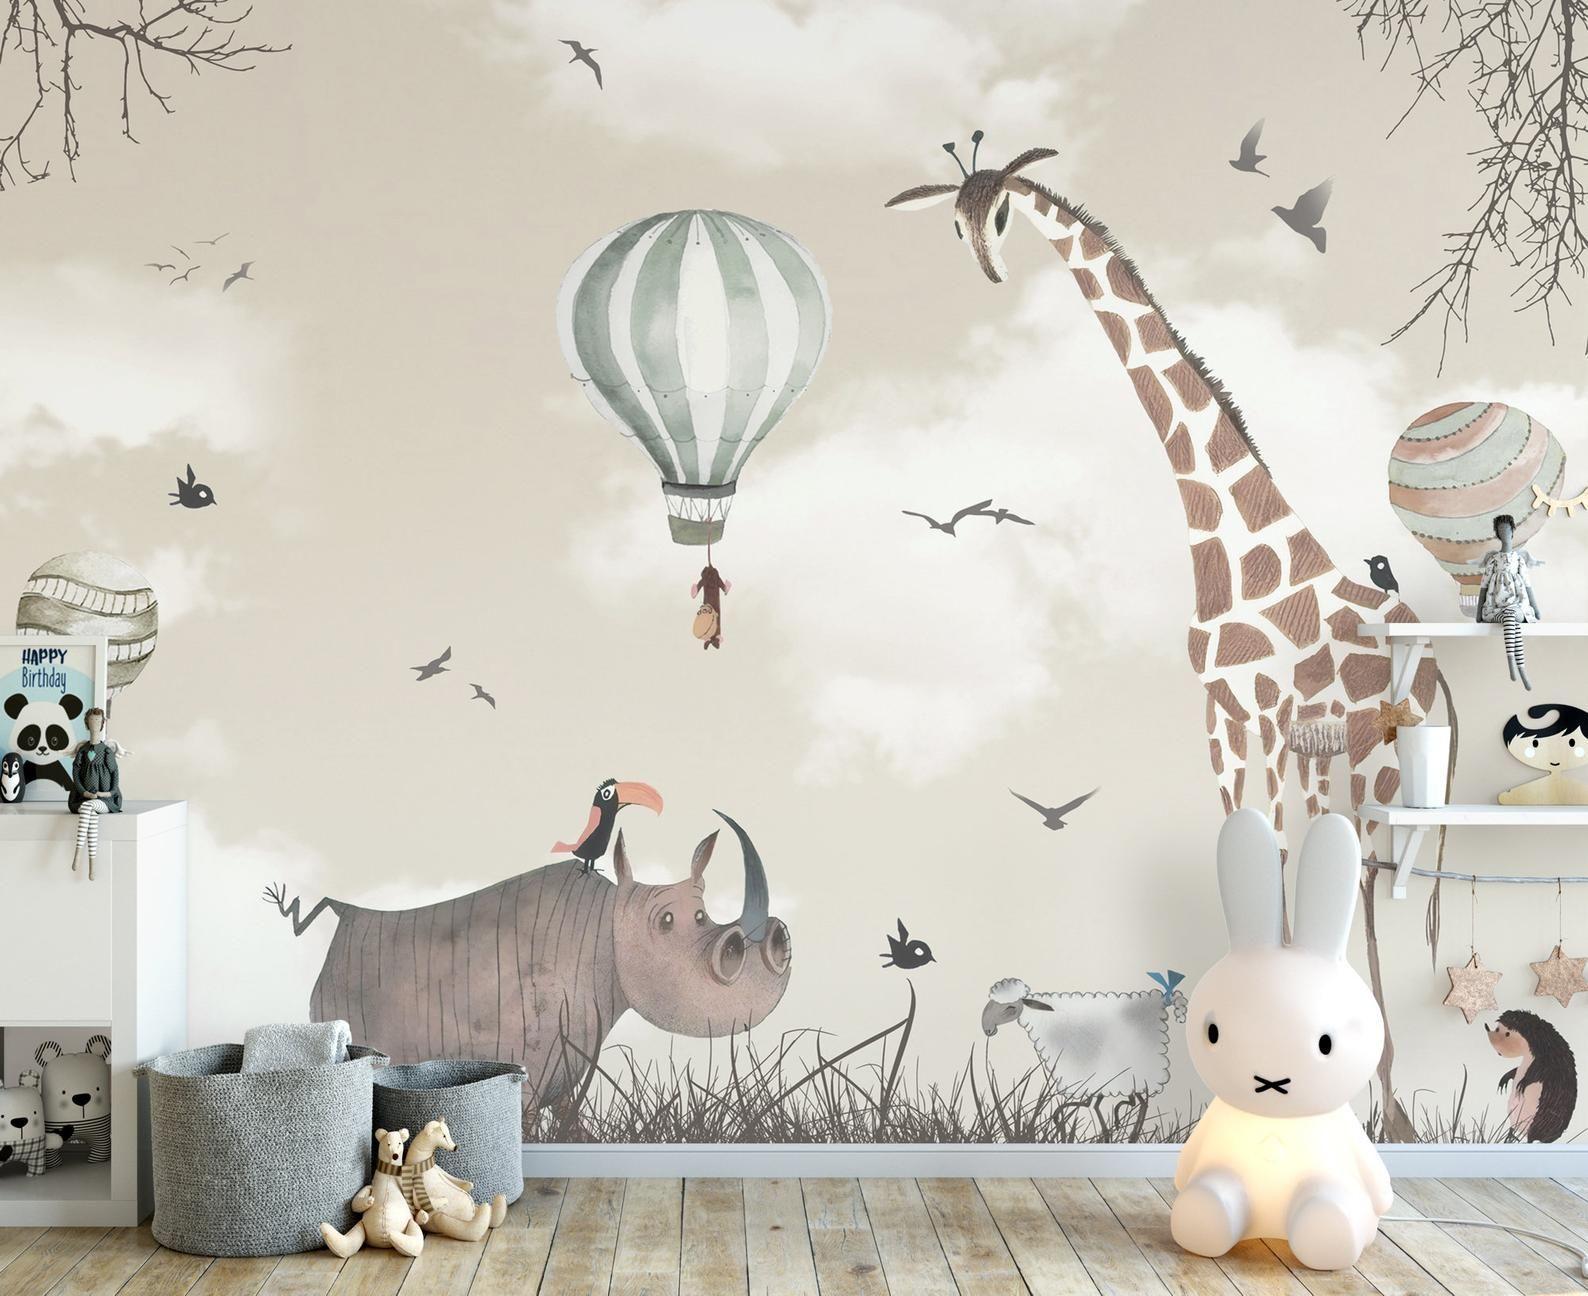 Tapeten Wandbilder Bild Von Corrie Paulussen Auf Wall Painting In